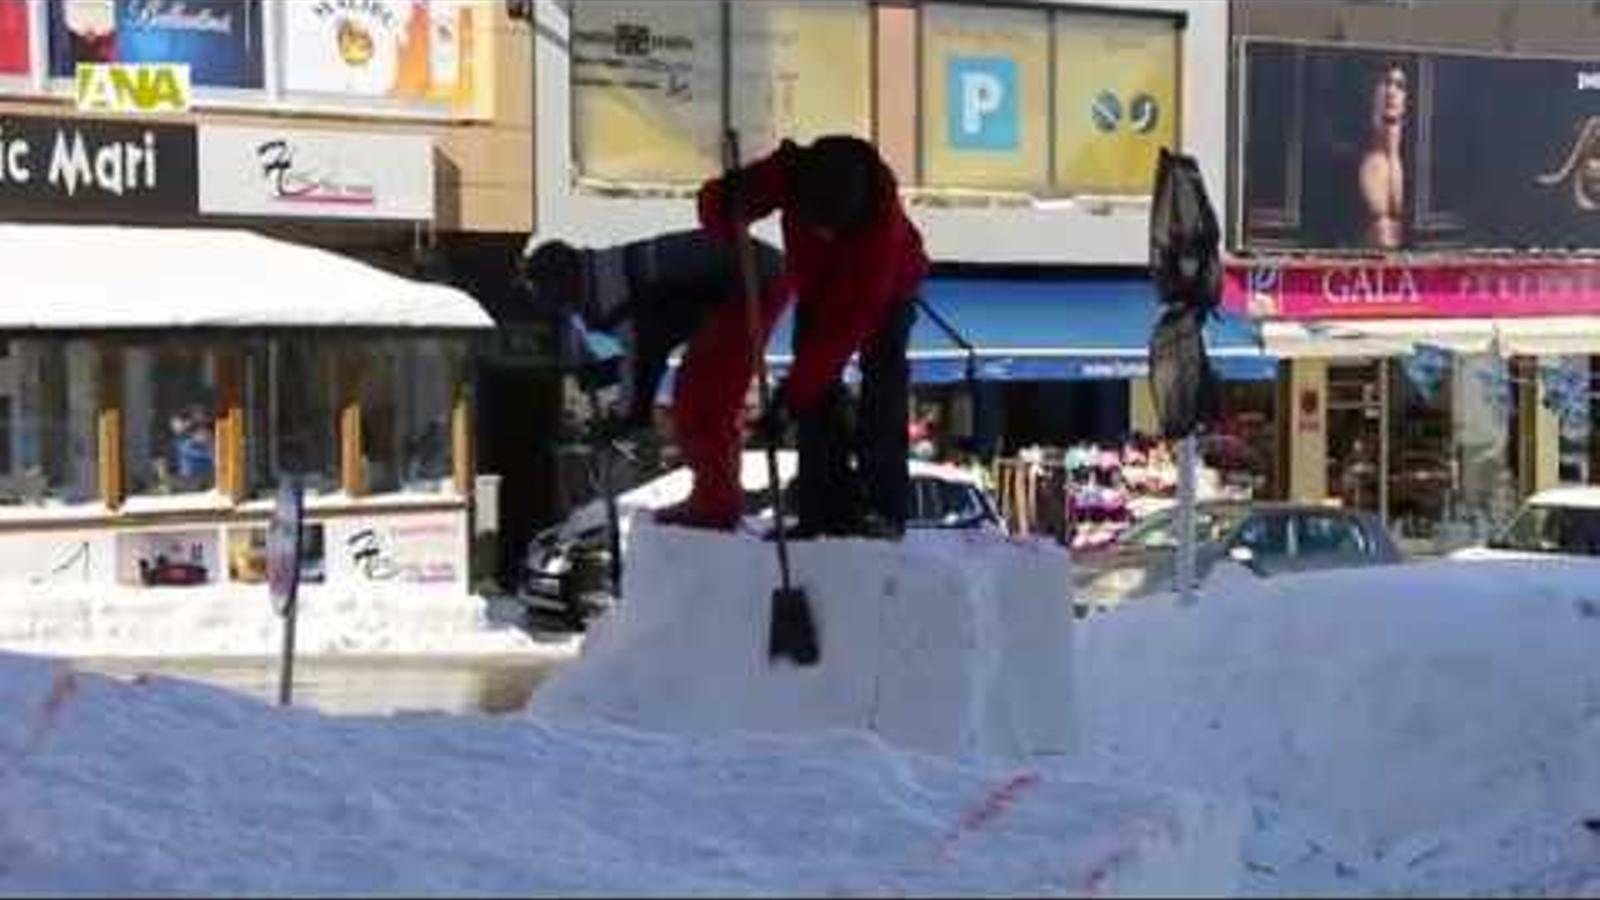 Tret de sortida al Concurs d'escultures de neu del Pas de la Casa